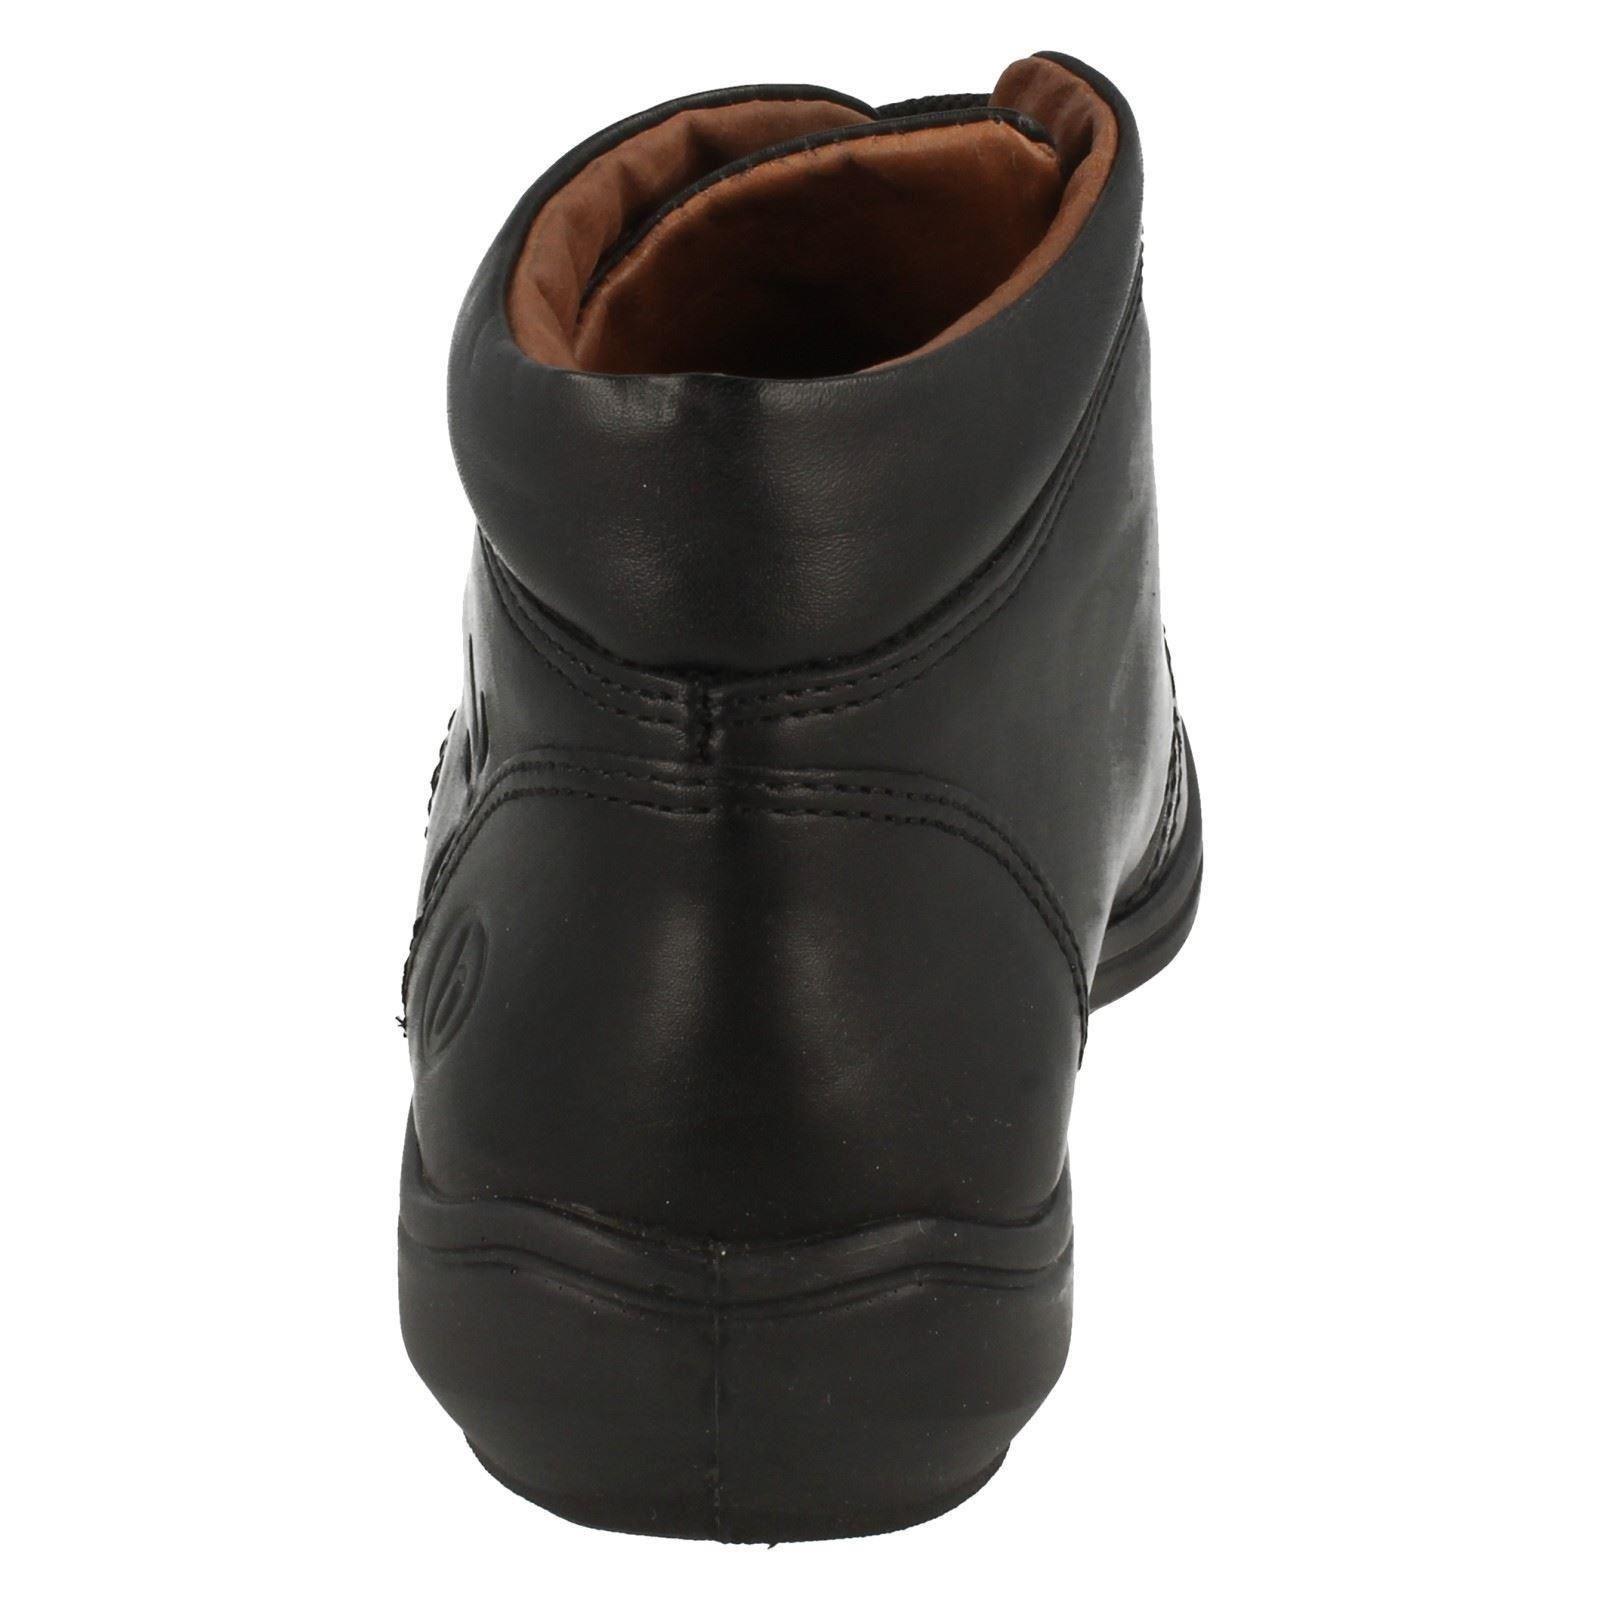 Easy B Damen breite Passform Leder Stiefelette zum Schnüren Track